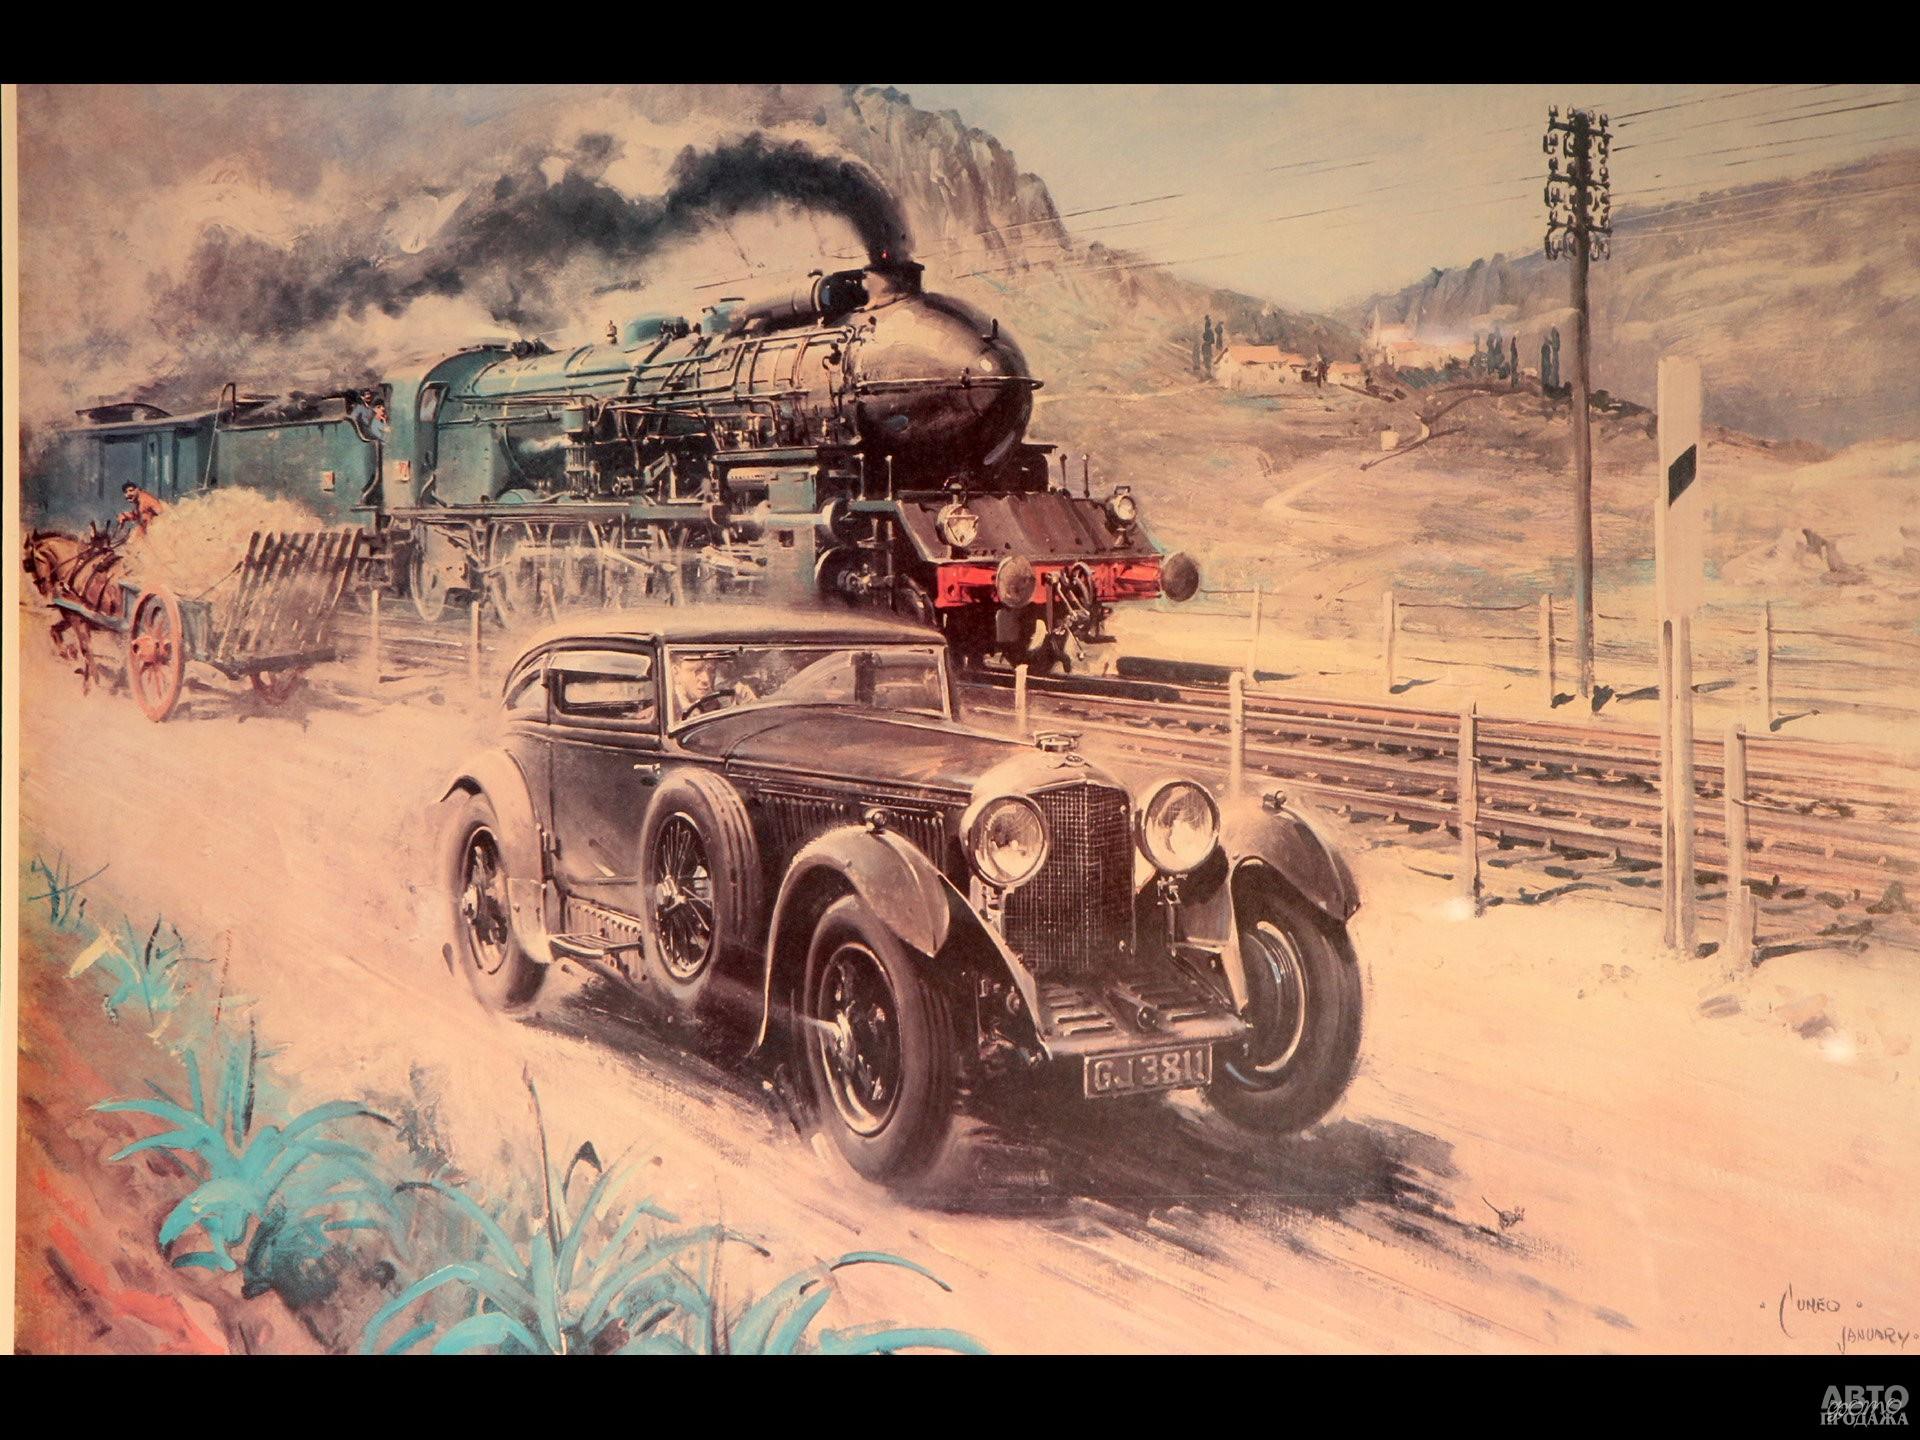 Вольф Барнато на Bentley Speed Six обогнал скоростной экспресс Blue Train